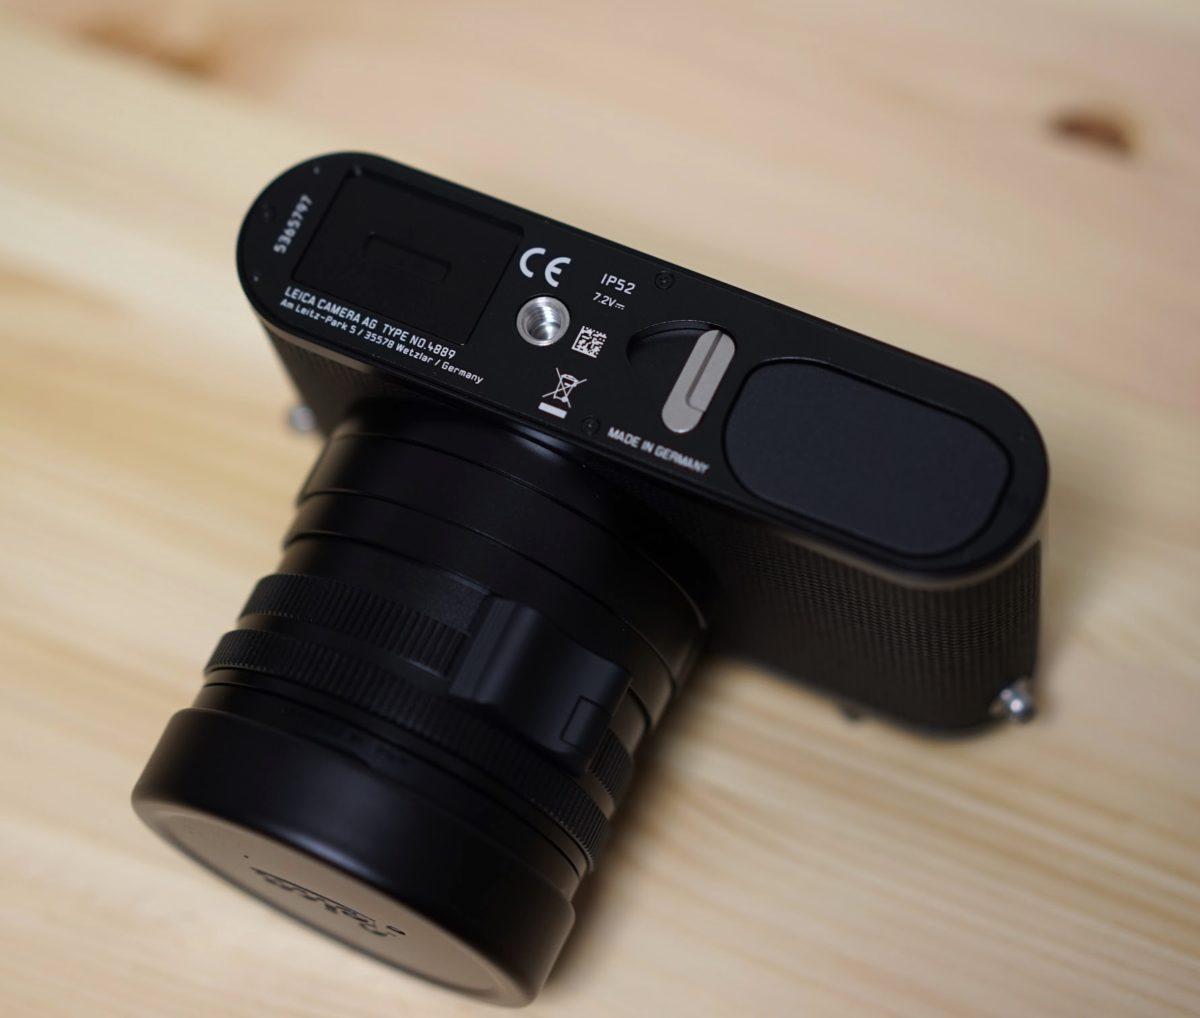 Leica-Q2-bottom-view